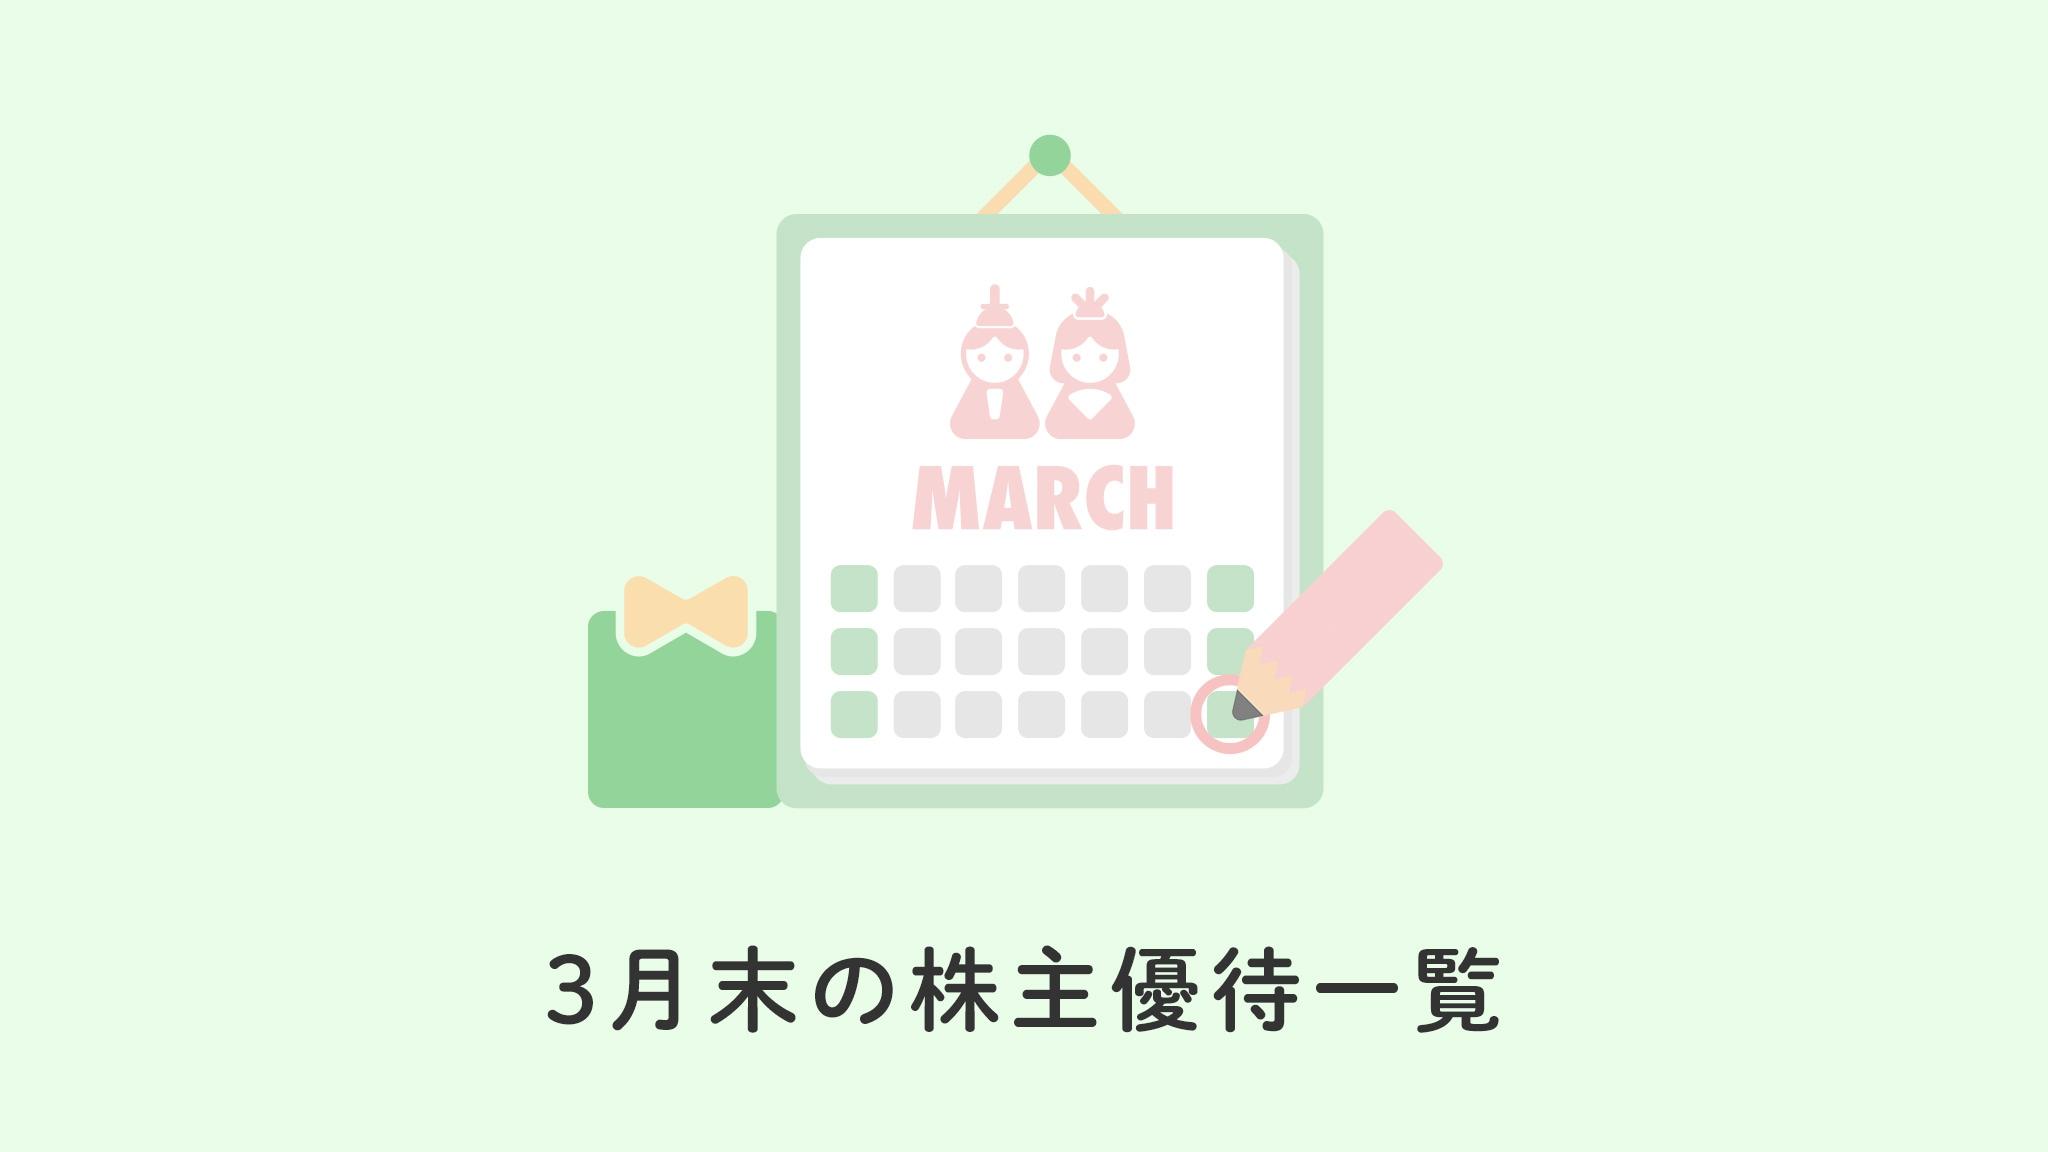 2 月 株主 優待